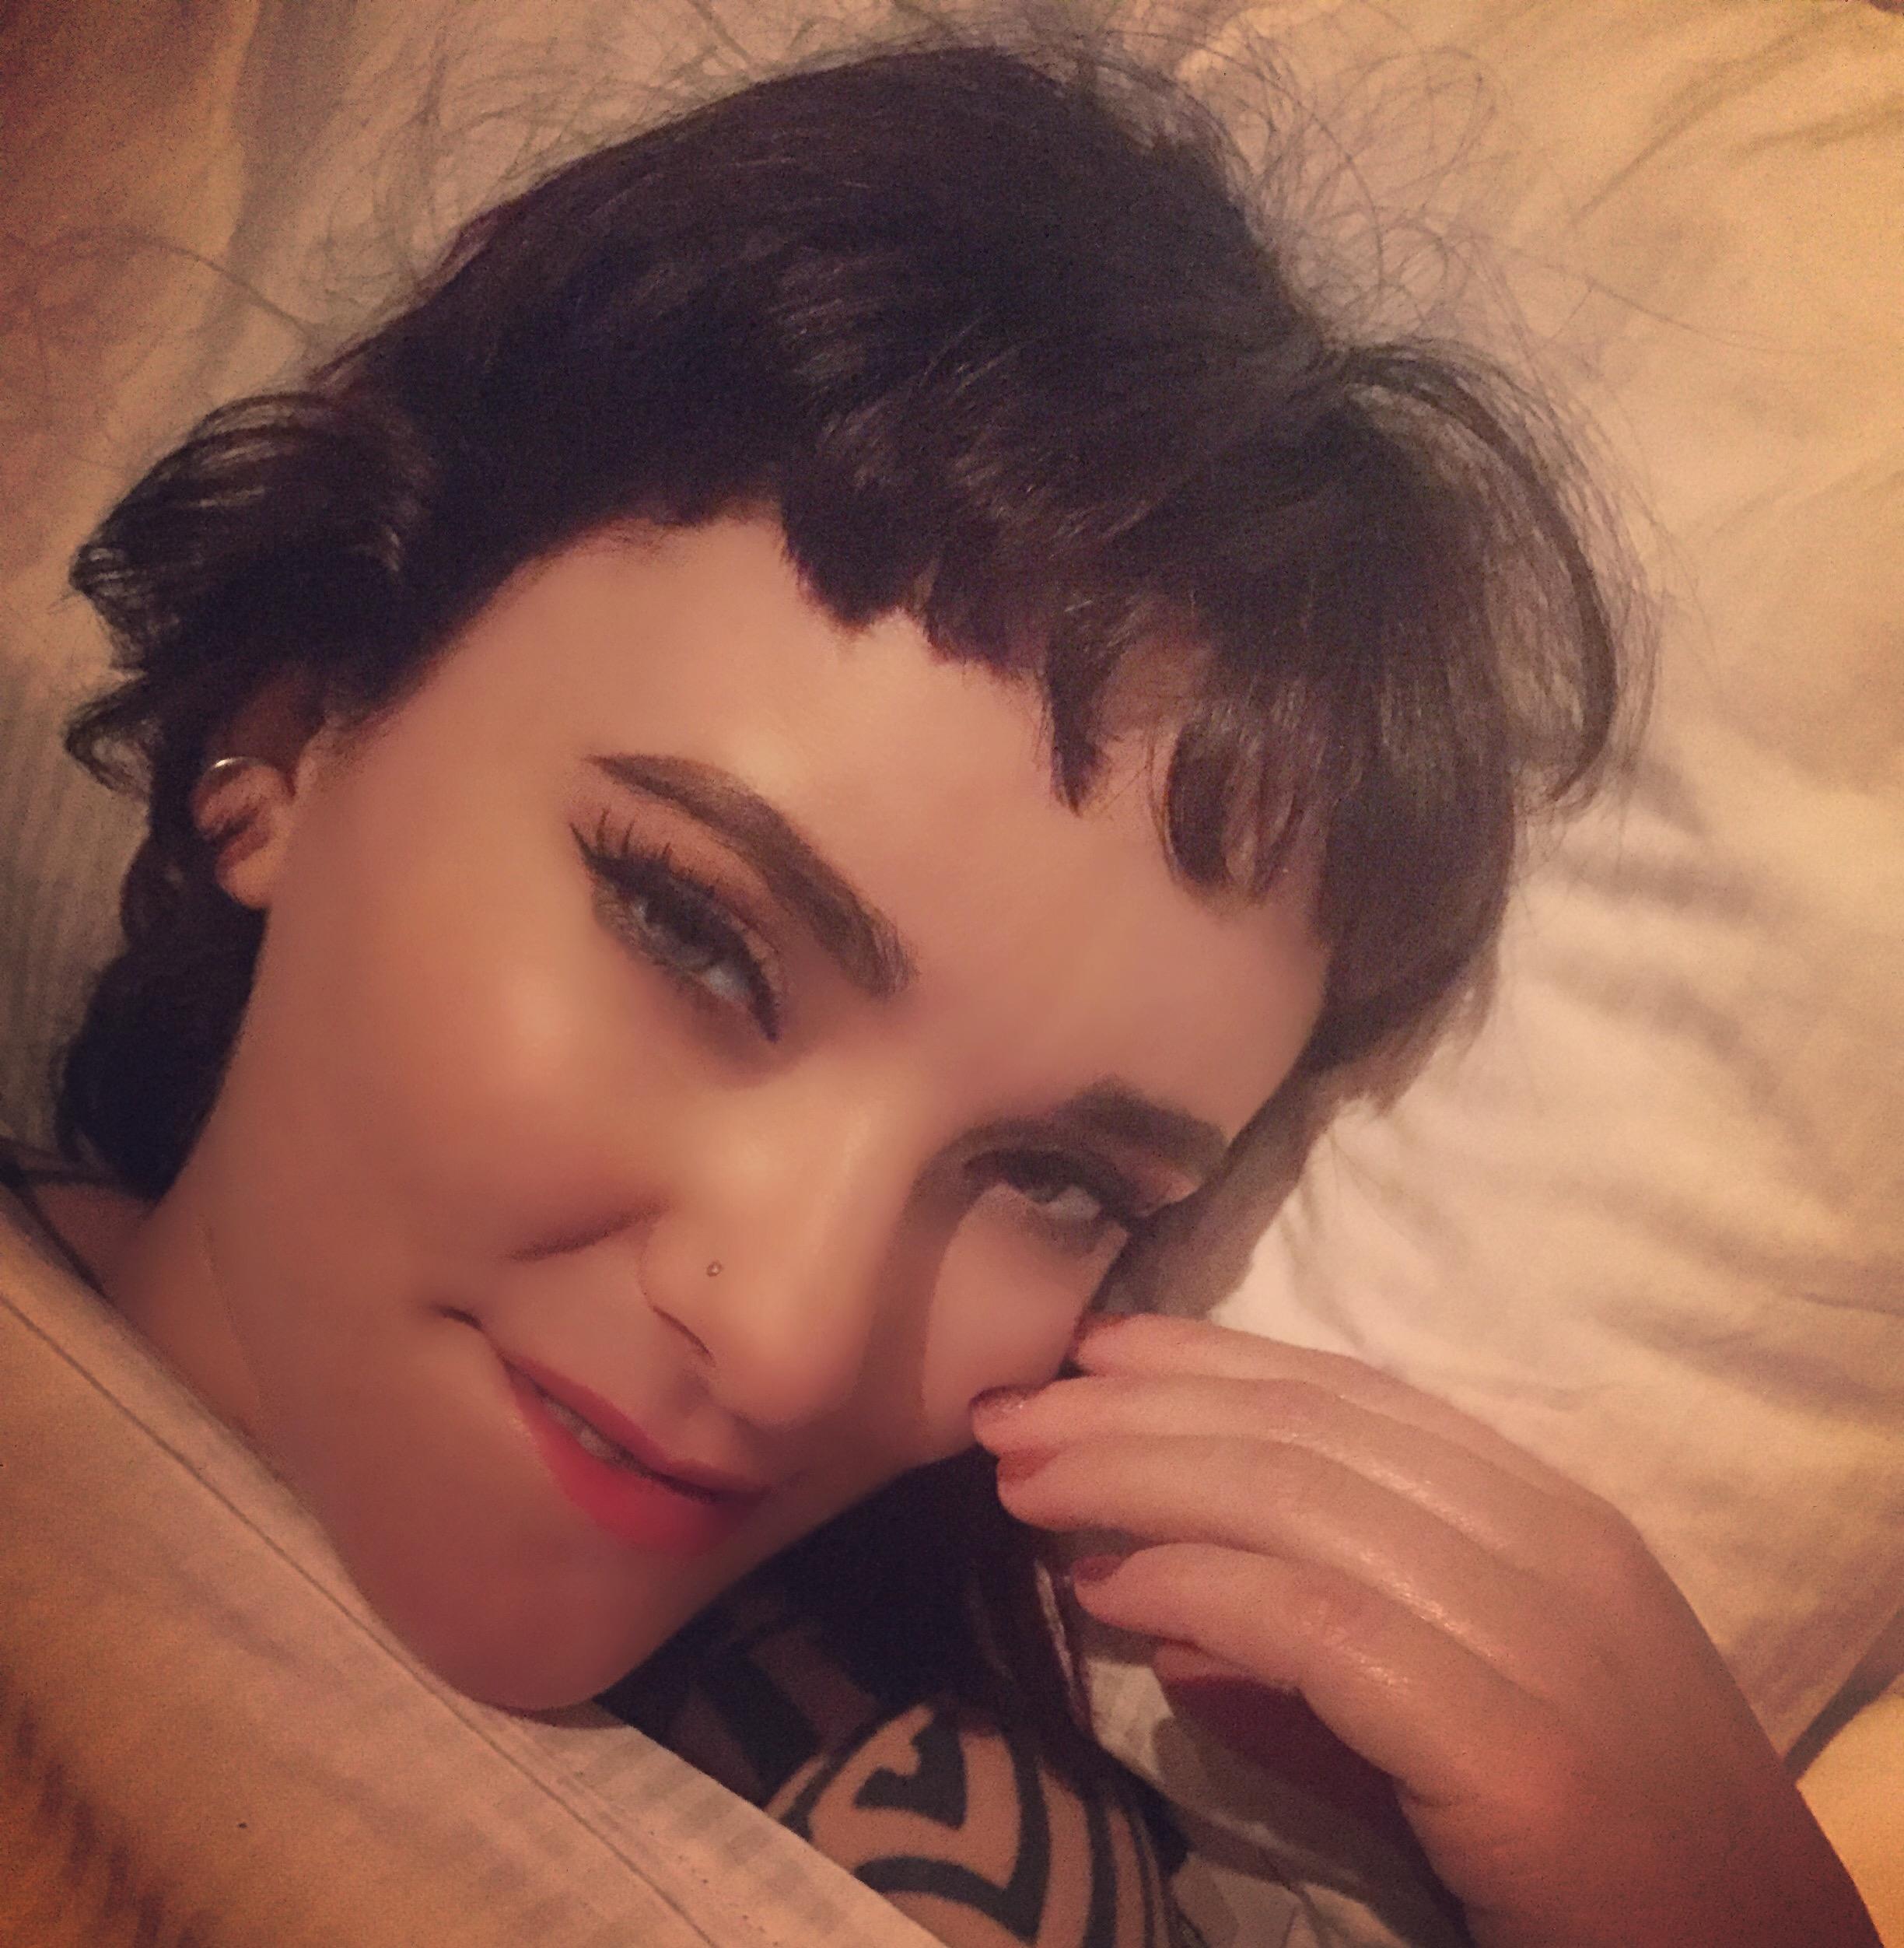 miss Tallula darling kinky escort, tattooed femdom, Pro Domme,  Mistress, BDSM dominatrix, painted lady